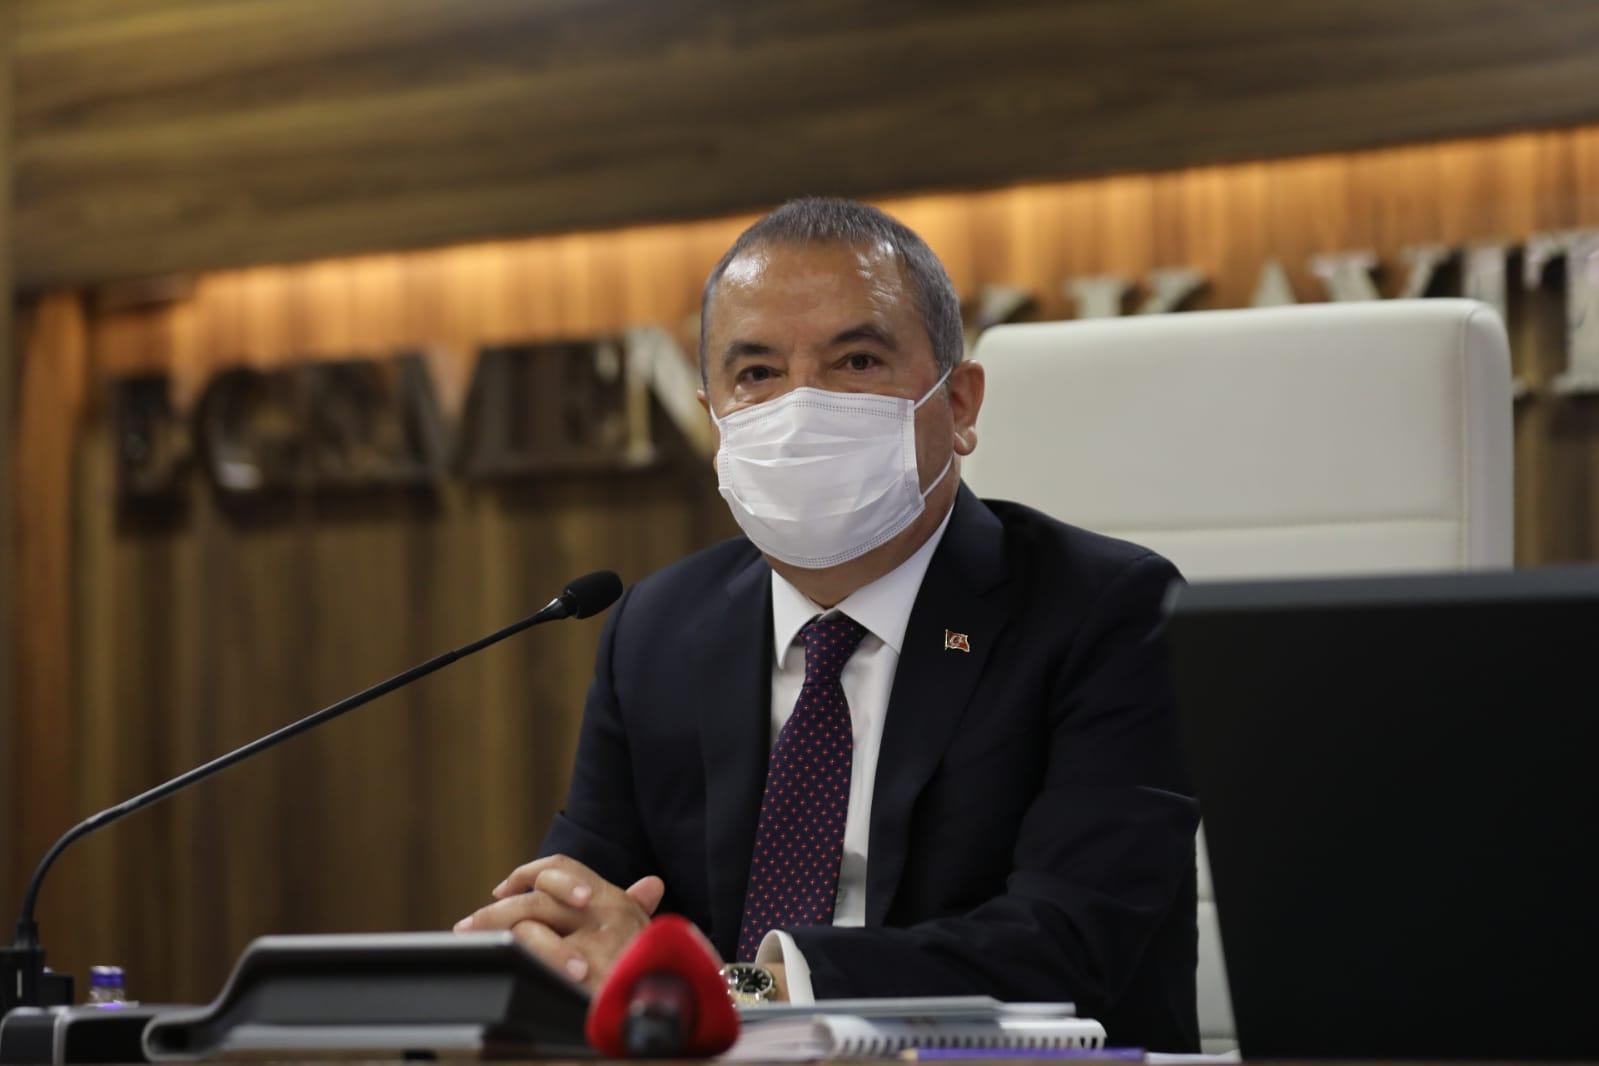 Büyükşehir Belediye Meclisi Başkan Muhittin Böcek başkanlığında toplandı